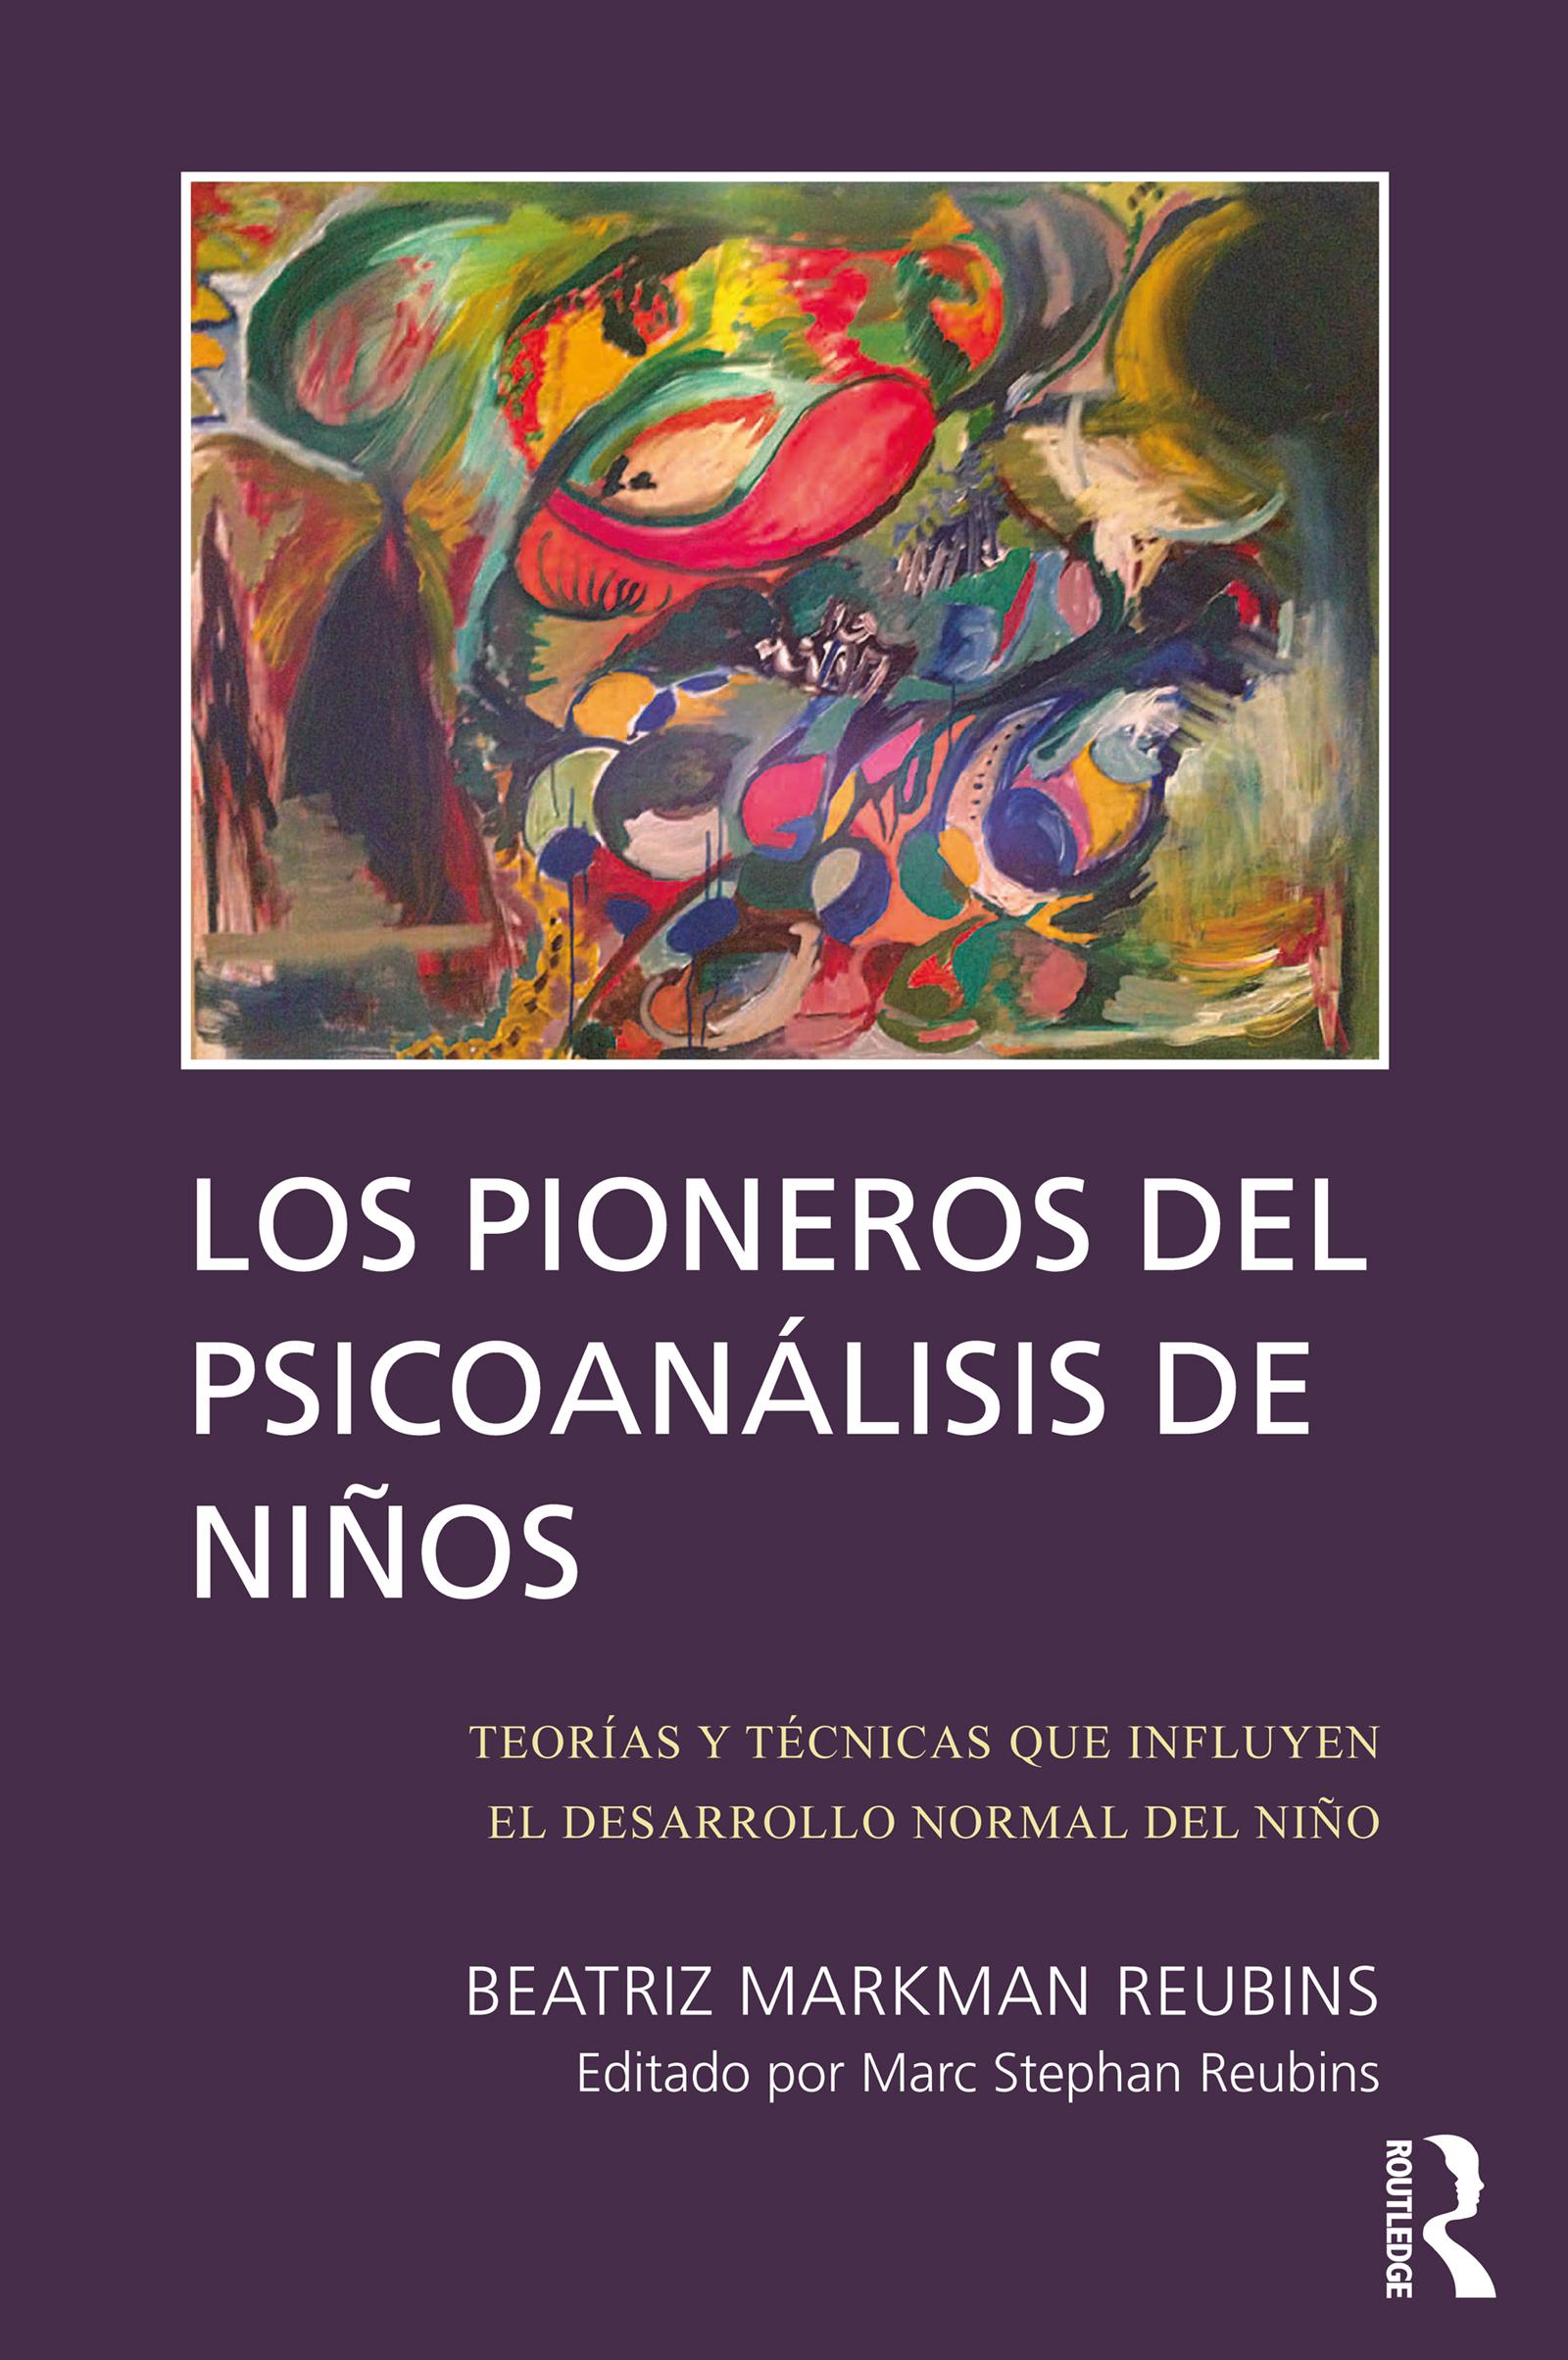 Los Pioneros del Psicoanálisis de Niños